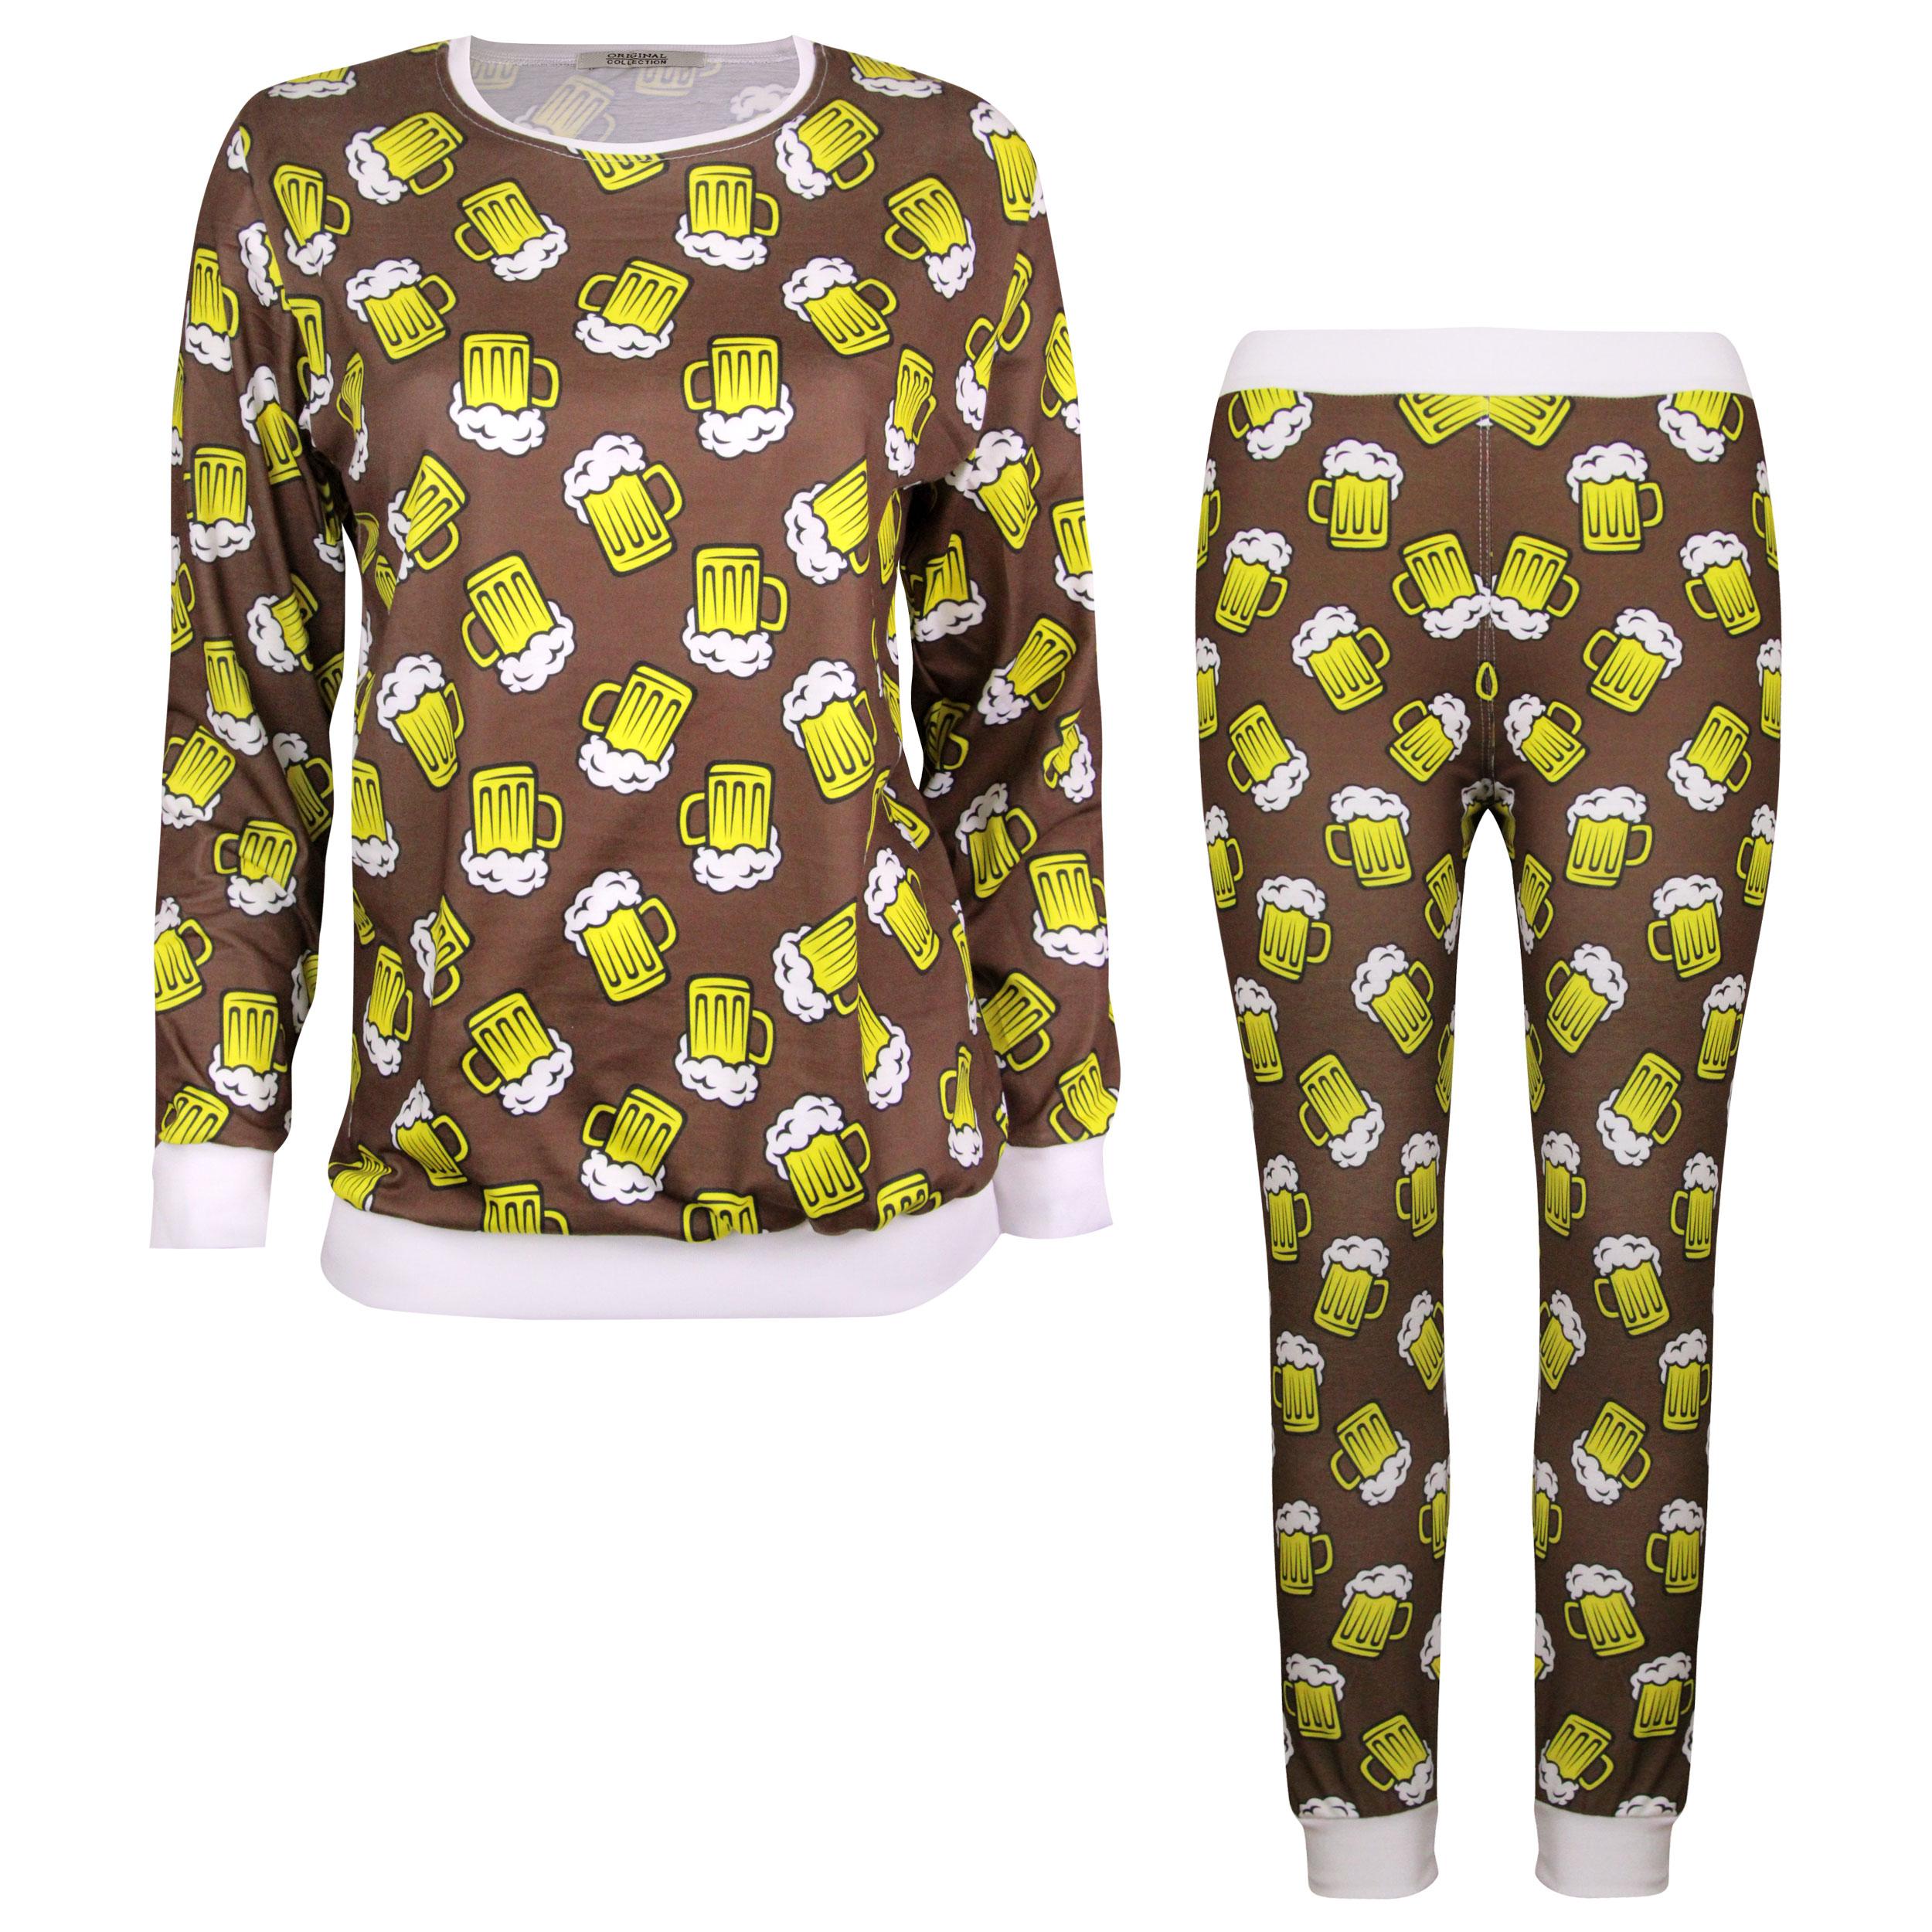 ست تی شرت و شلوار زنانه ماییلدا مدل 3587-2 thumb